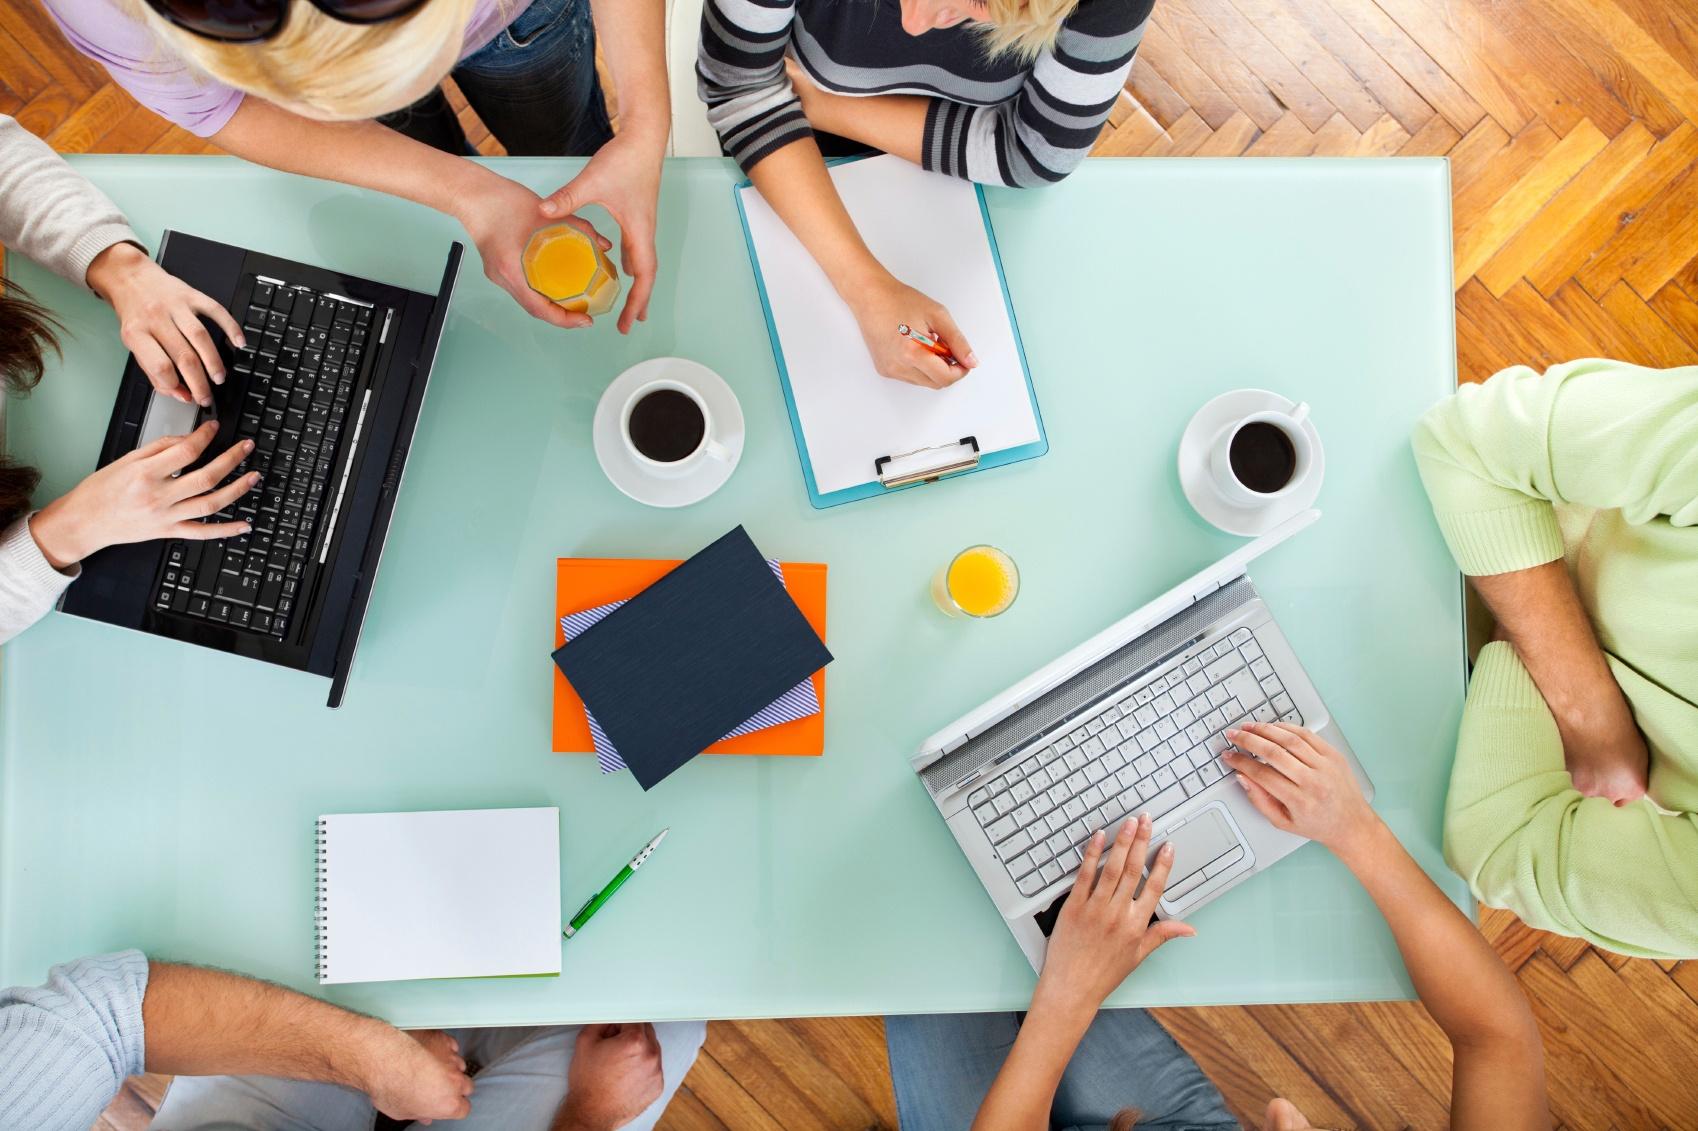 Teamwork_-_Group_Of_People_On_Casual_Meeting.jpg